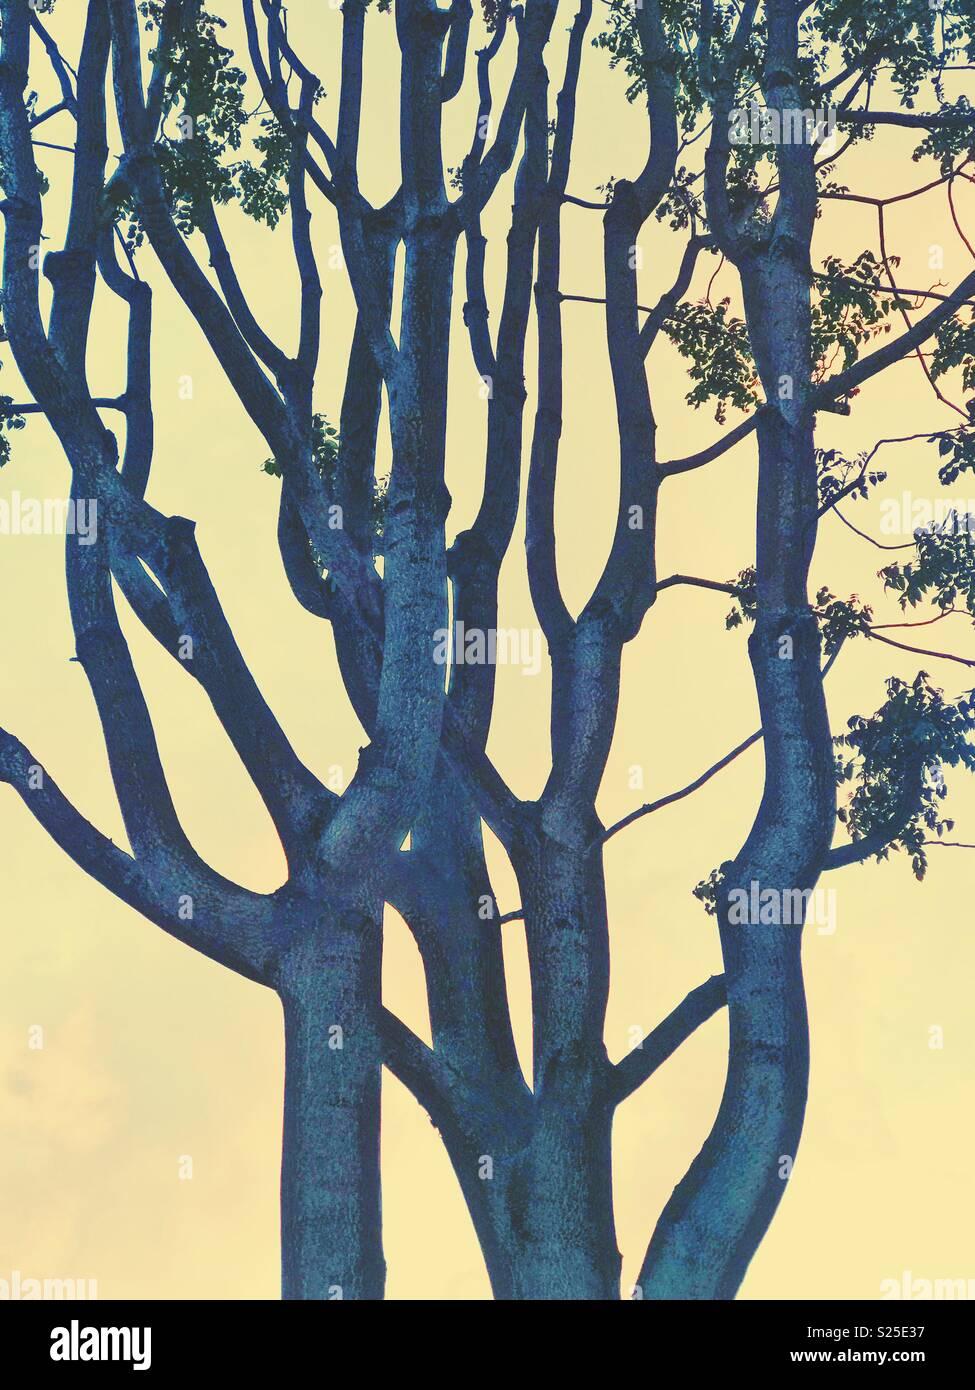 Eine Zusammenfassung von einem blauen Baum vor einem gelben Hintergrund Stockbild